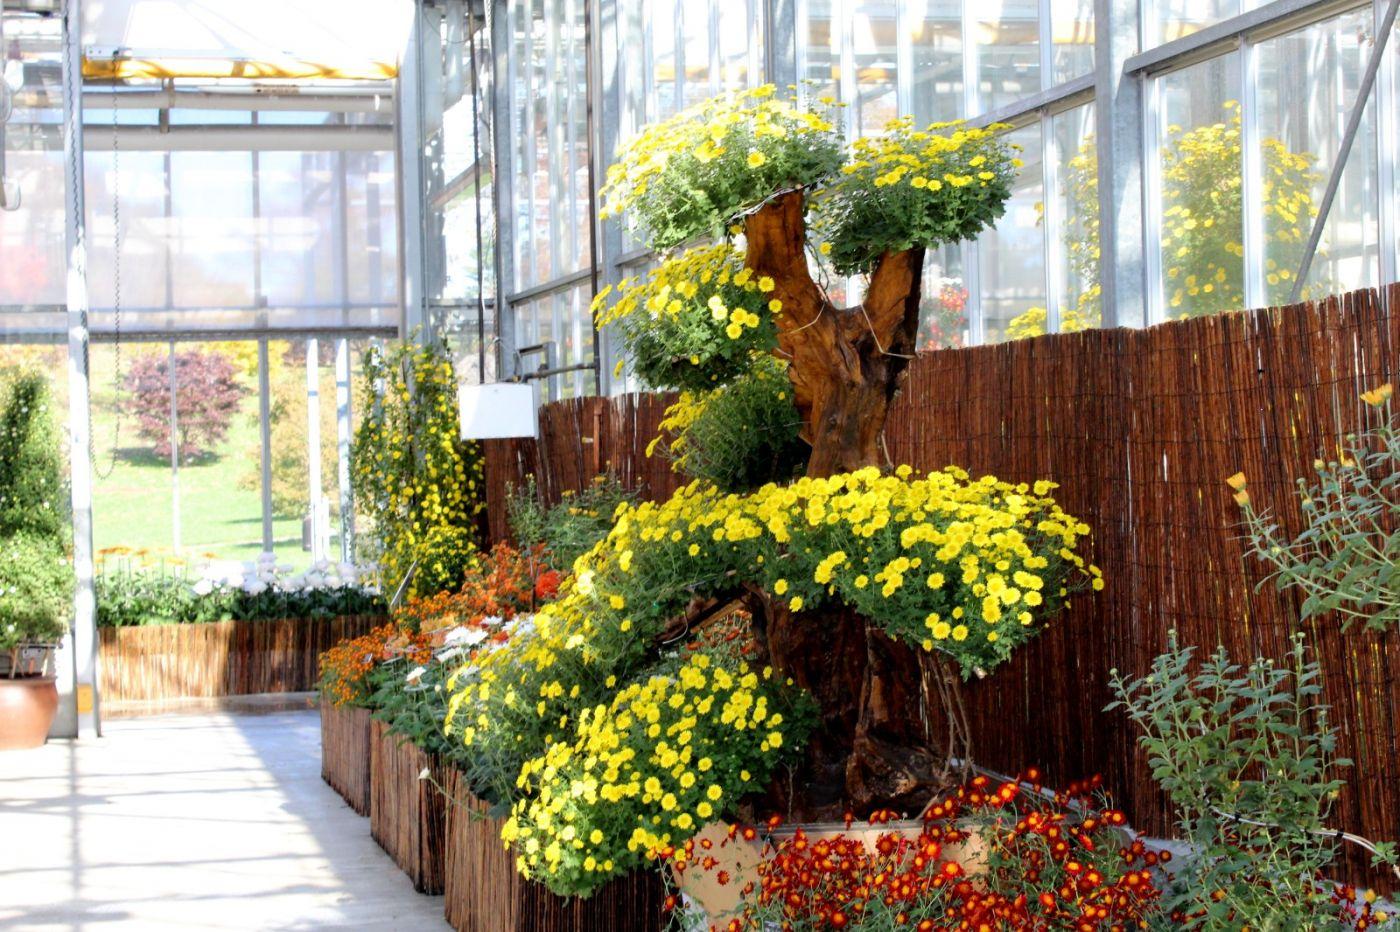 植物园日本菊花展_图1-31